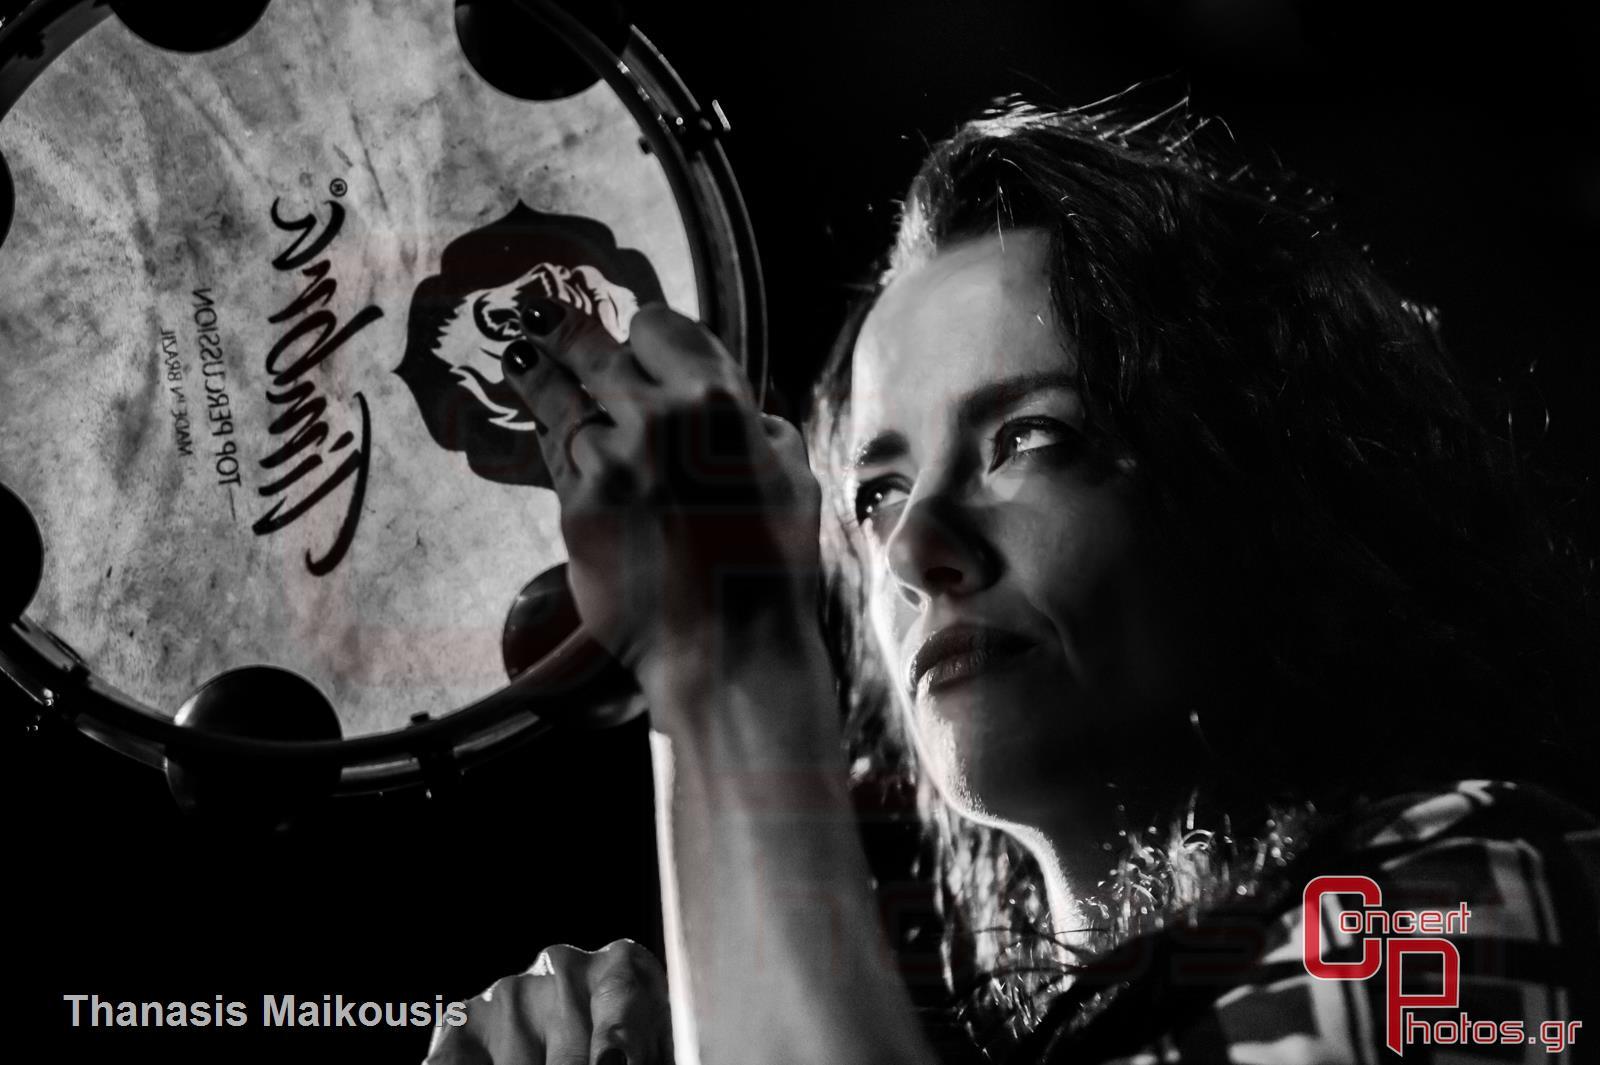 Nouvelle Vague-Nuvelle Vague photographer: Thanasis Maikousis - concertphotos_--2